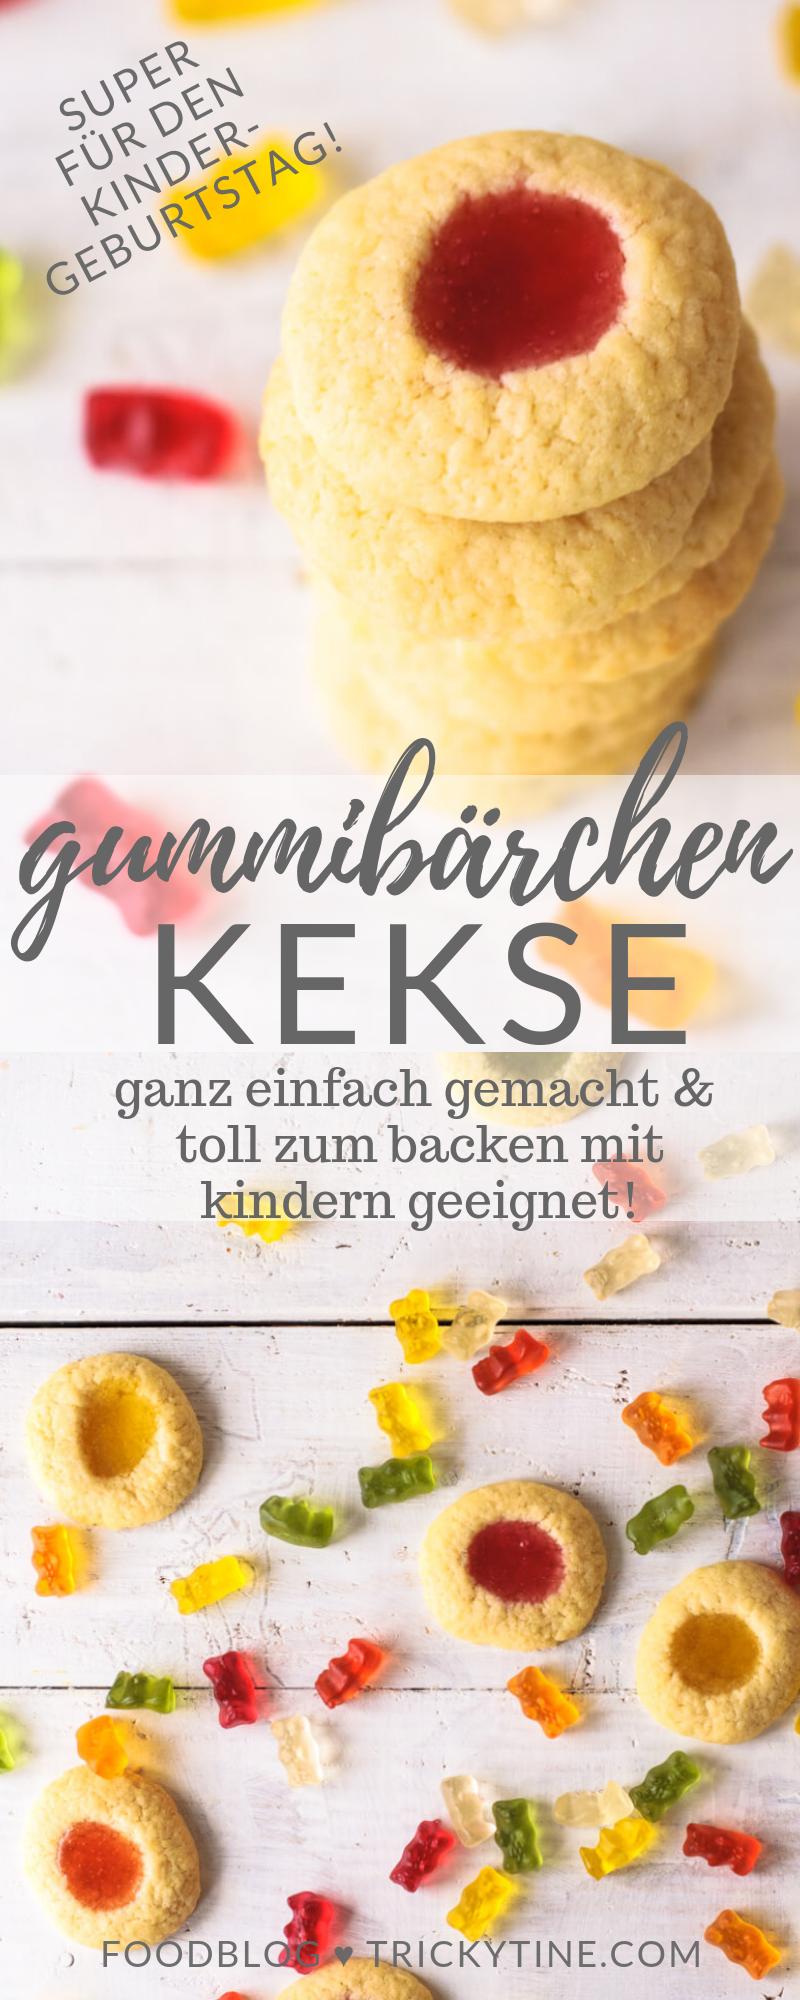 gummibärchen kekse trickytine pinterest collage